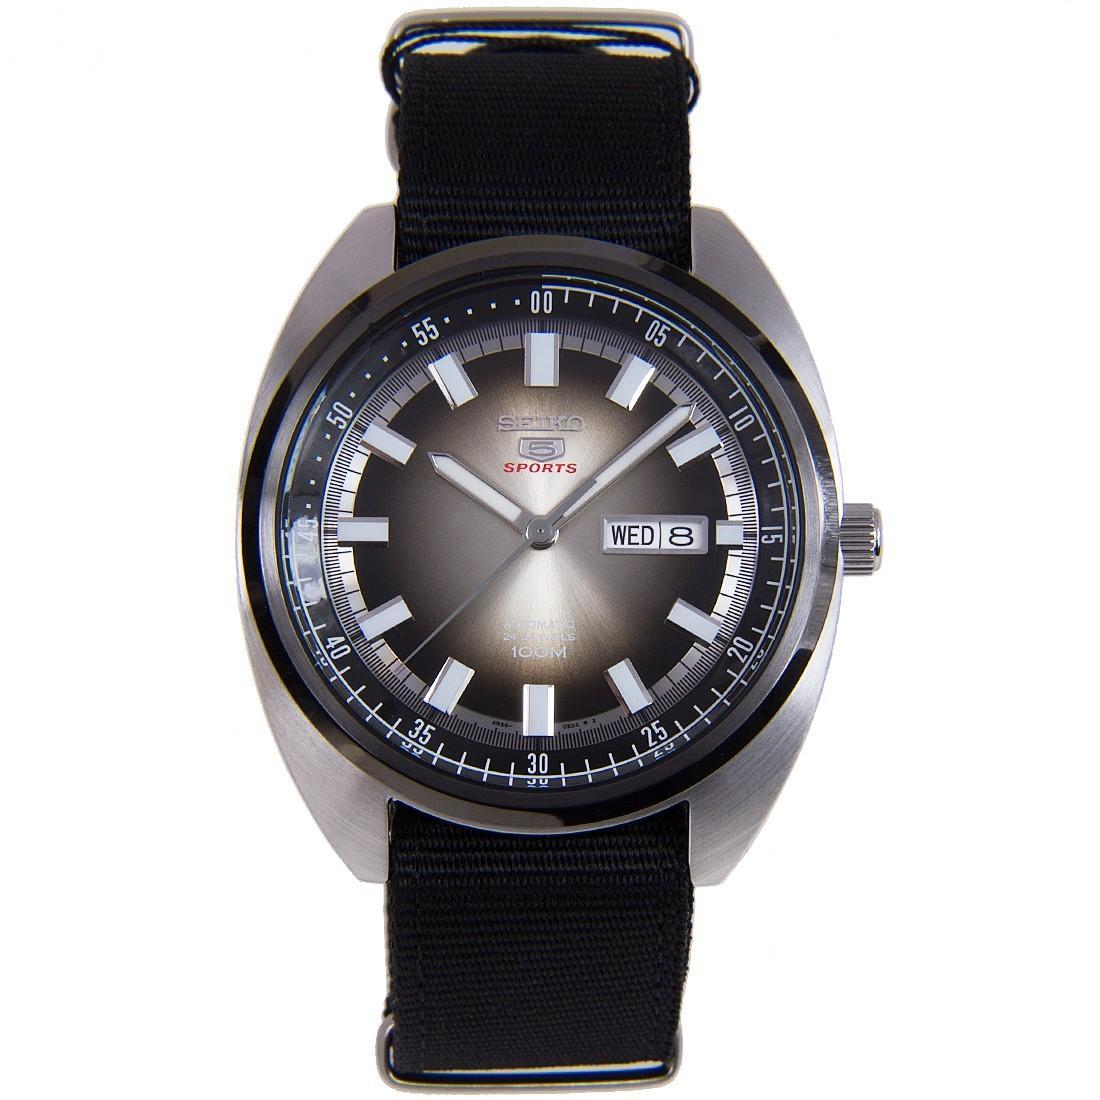 Seiko 5 Sports Turtle Black Nylon Strap SRPB23K1 SRPB23K SRPB23 Men's Watch